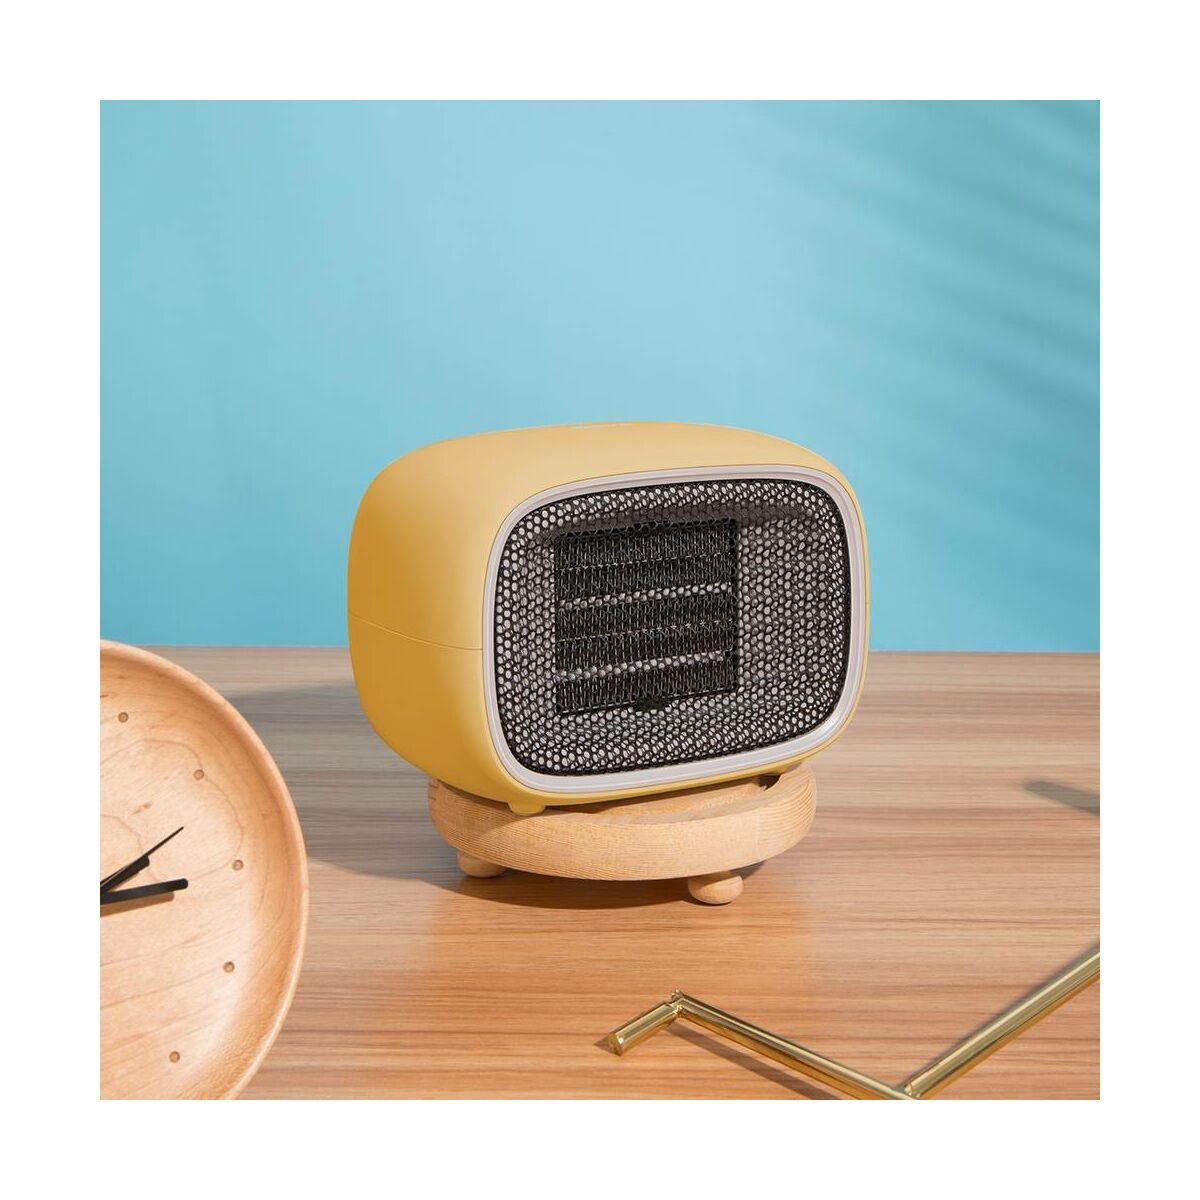 Baseus otthon, Warm Little fehér ventilátoros fűtőtest, EU, citrom (ACNXB-A0Y)